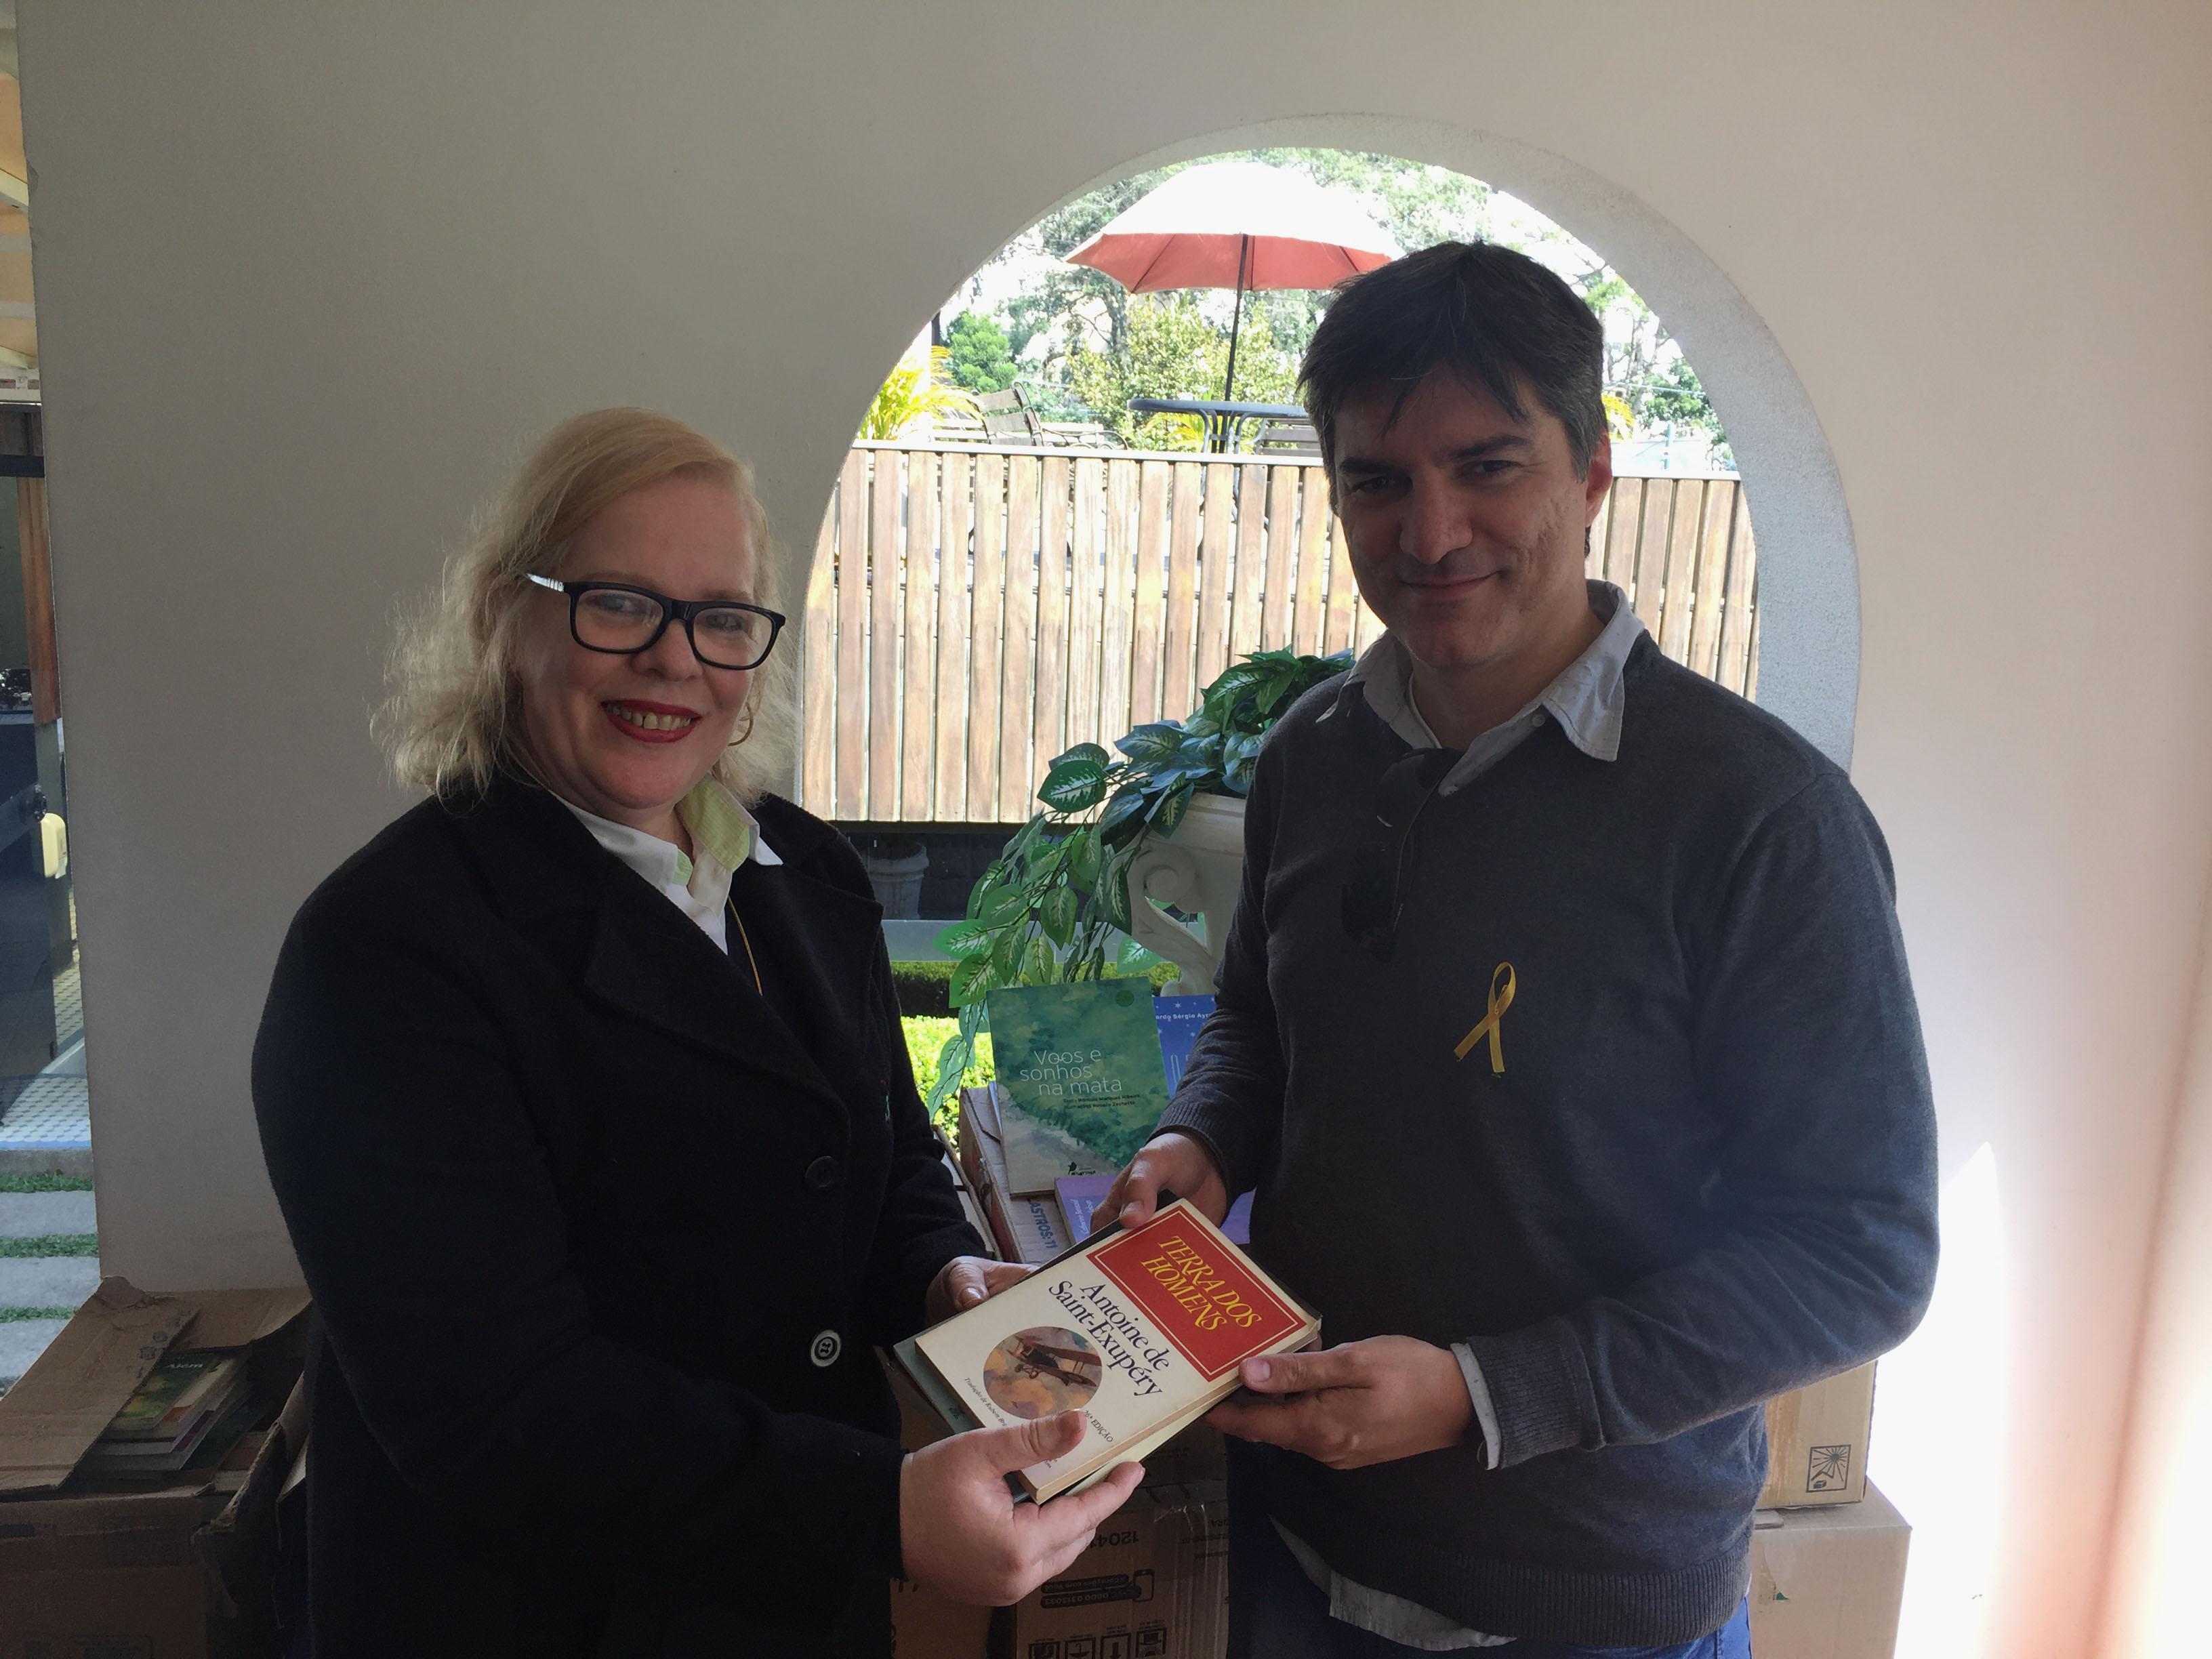 22-05-2018 Trub Petrópolis compra livros da APPO